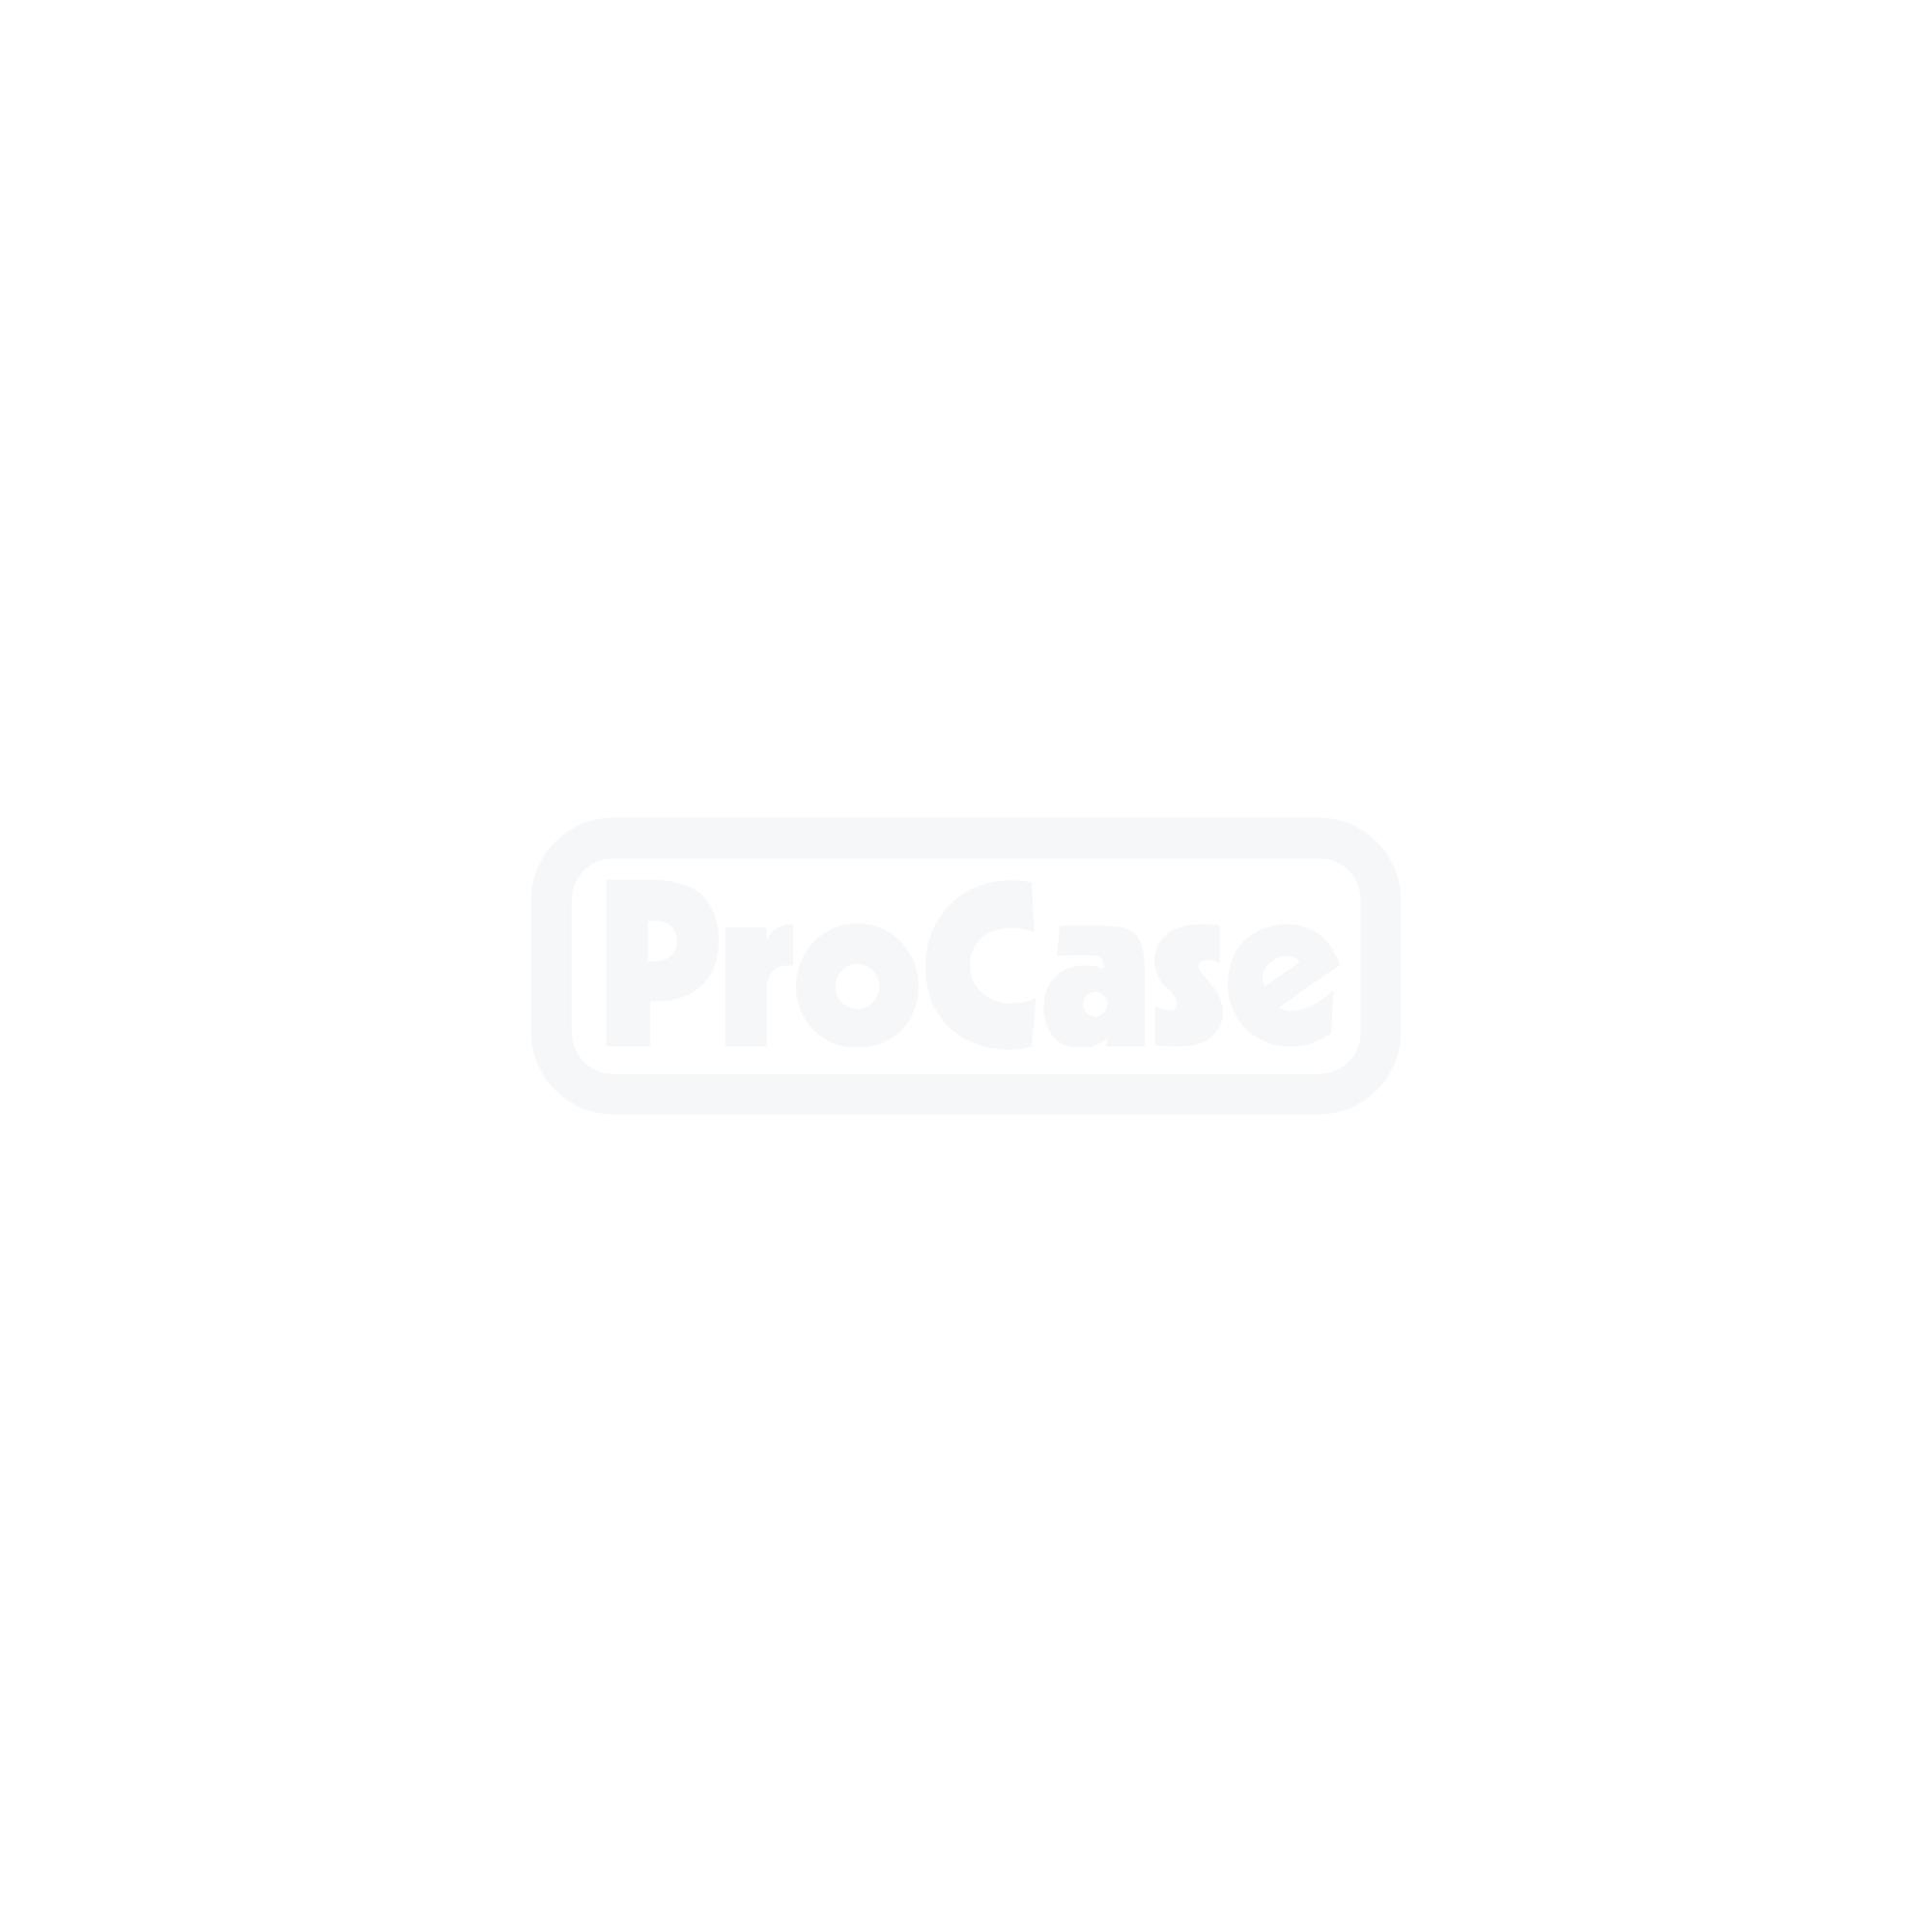 SKB 3i Koffer 0907-4 leer